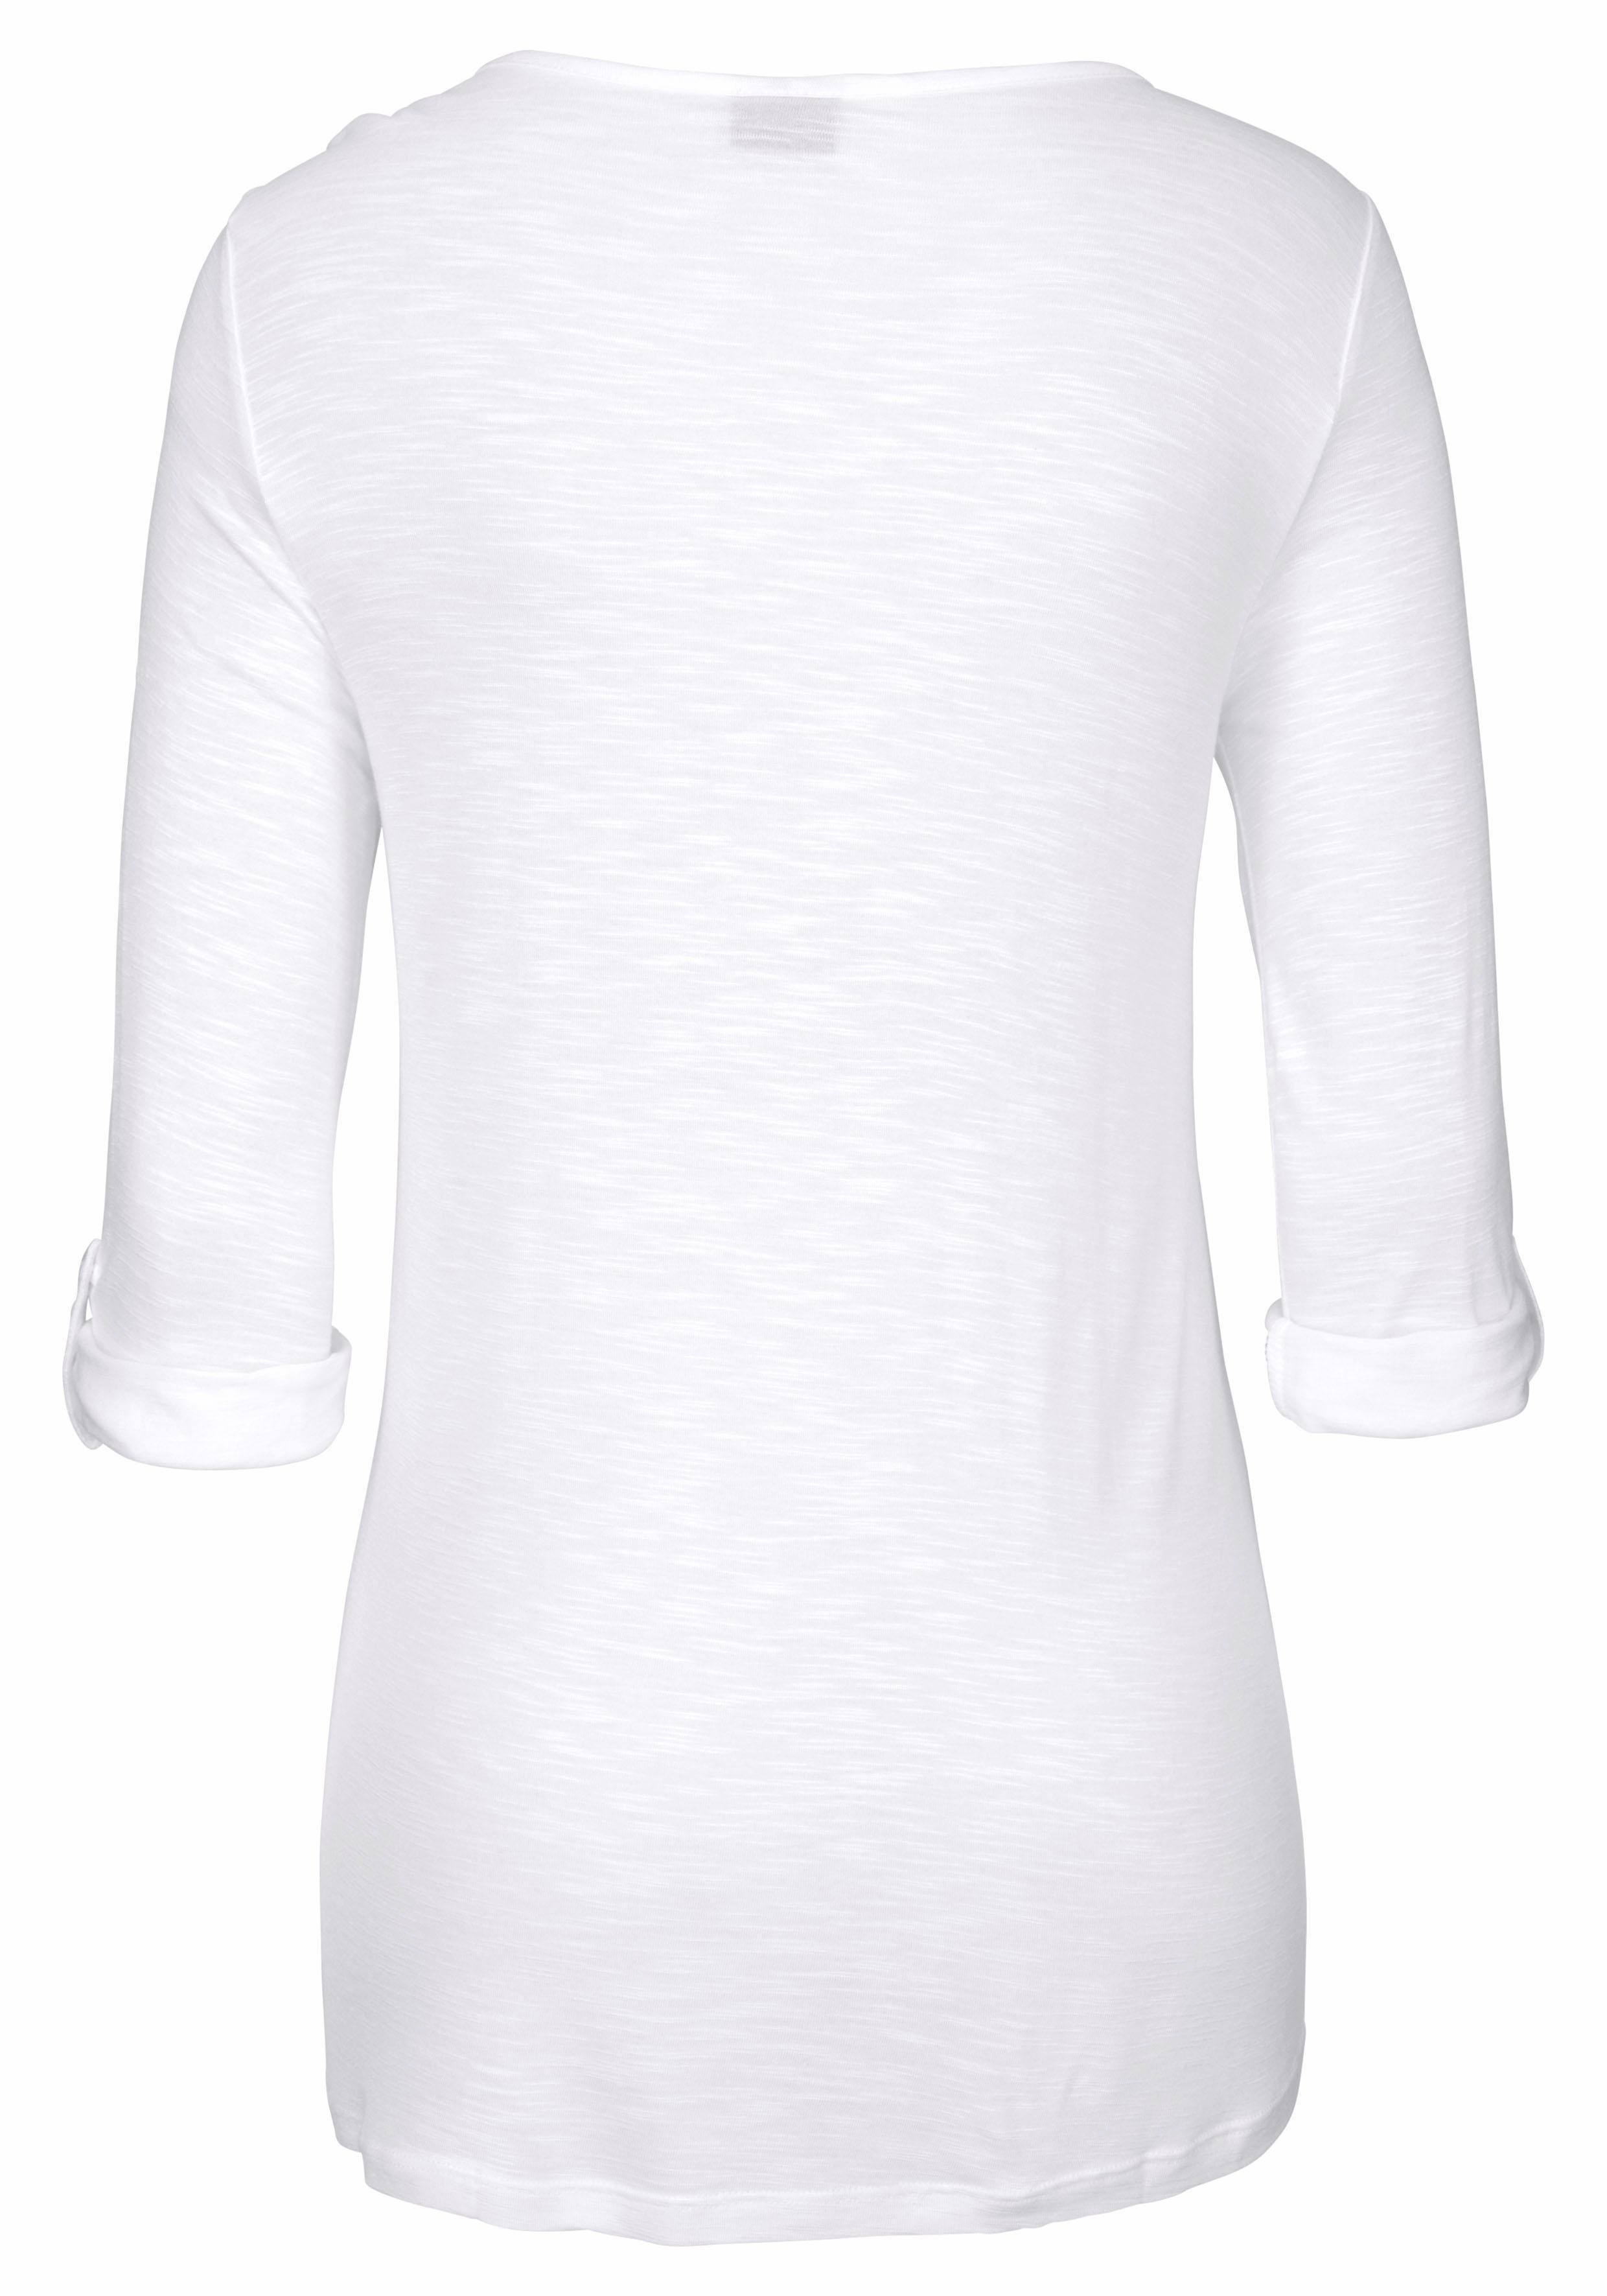 Nu Online Bestellen Online Lascana Strandshirt Bestellen Strandshirt Lascana Nu n0OP8Nmyvw